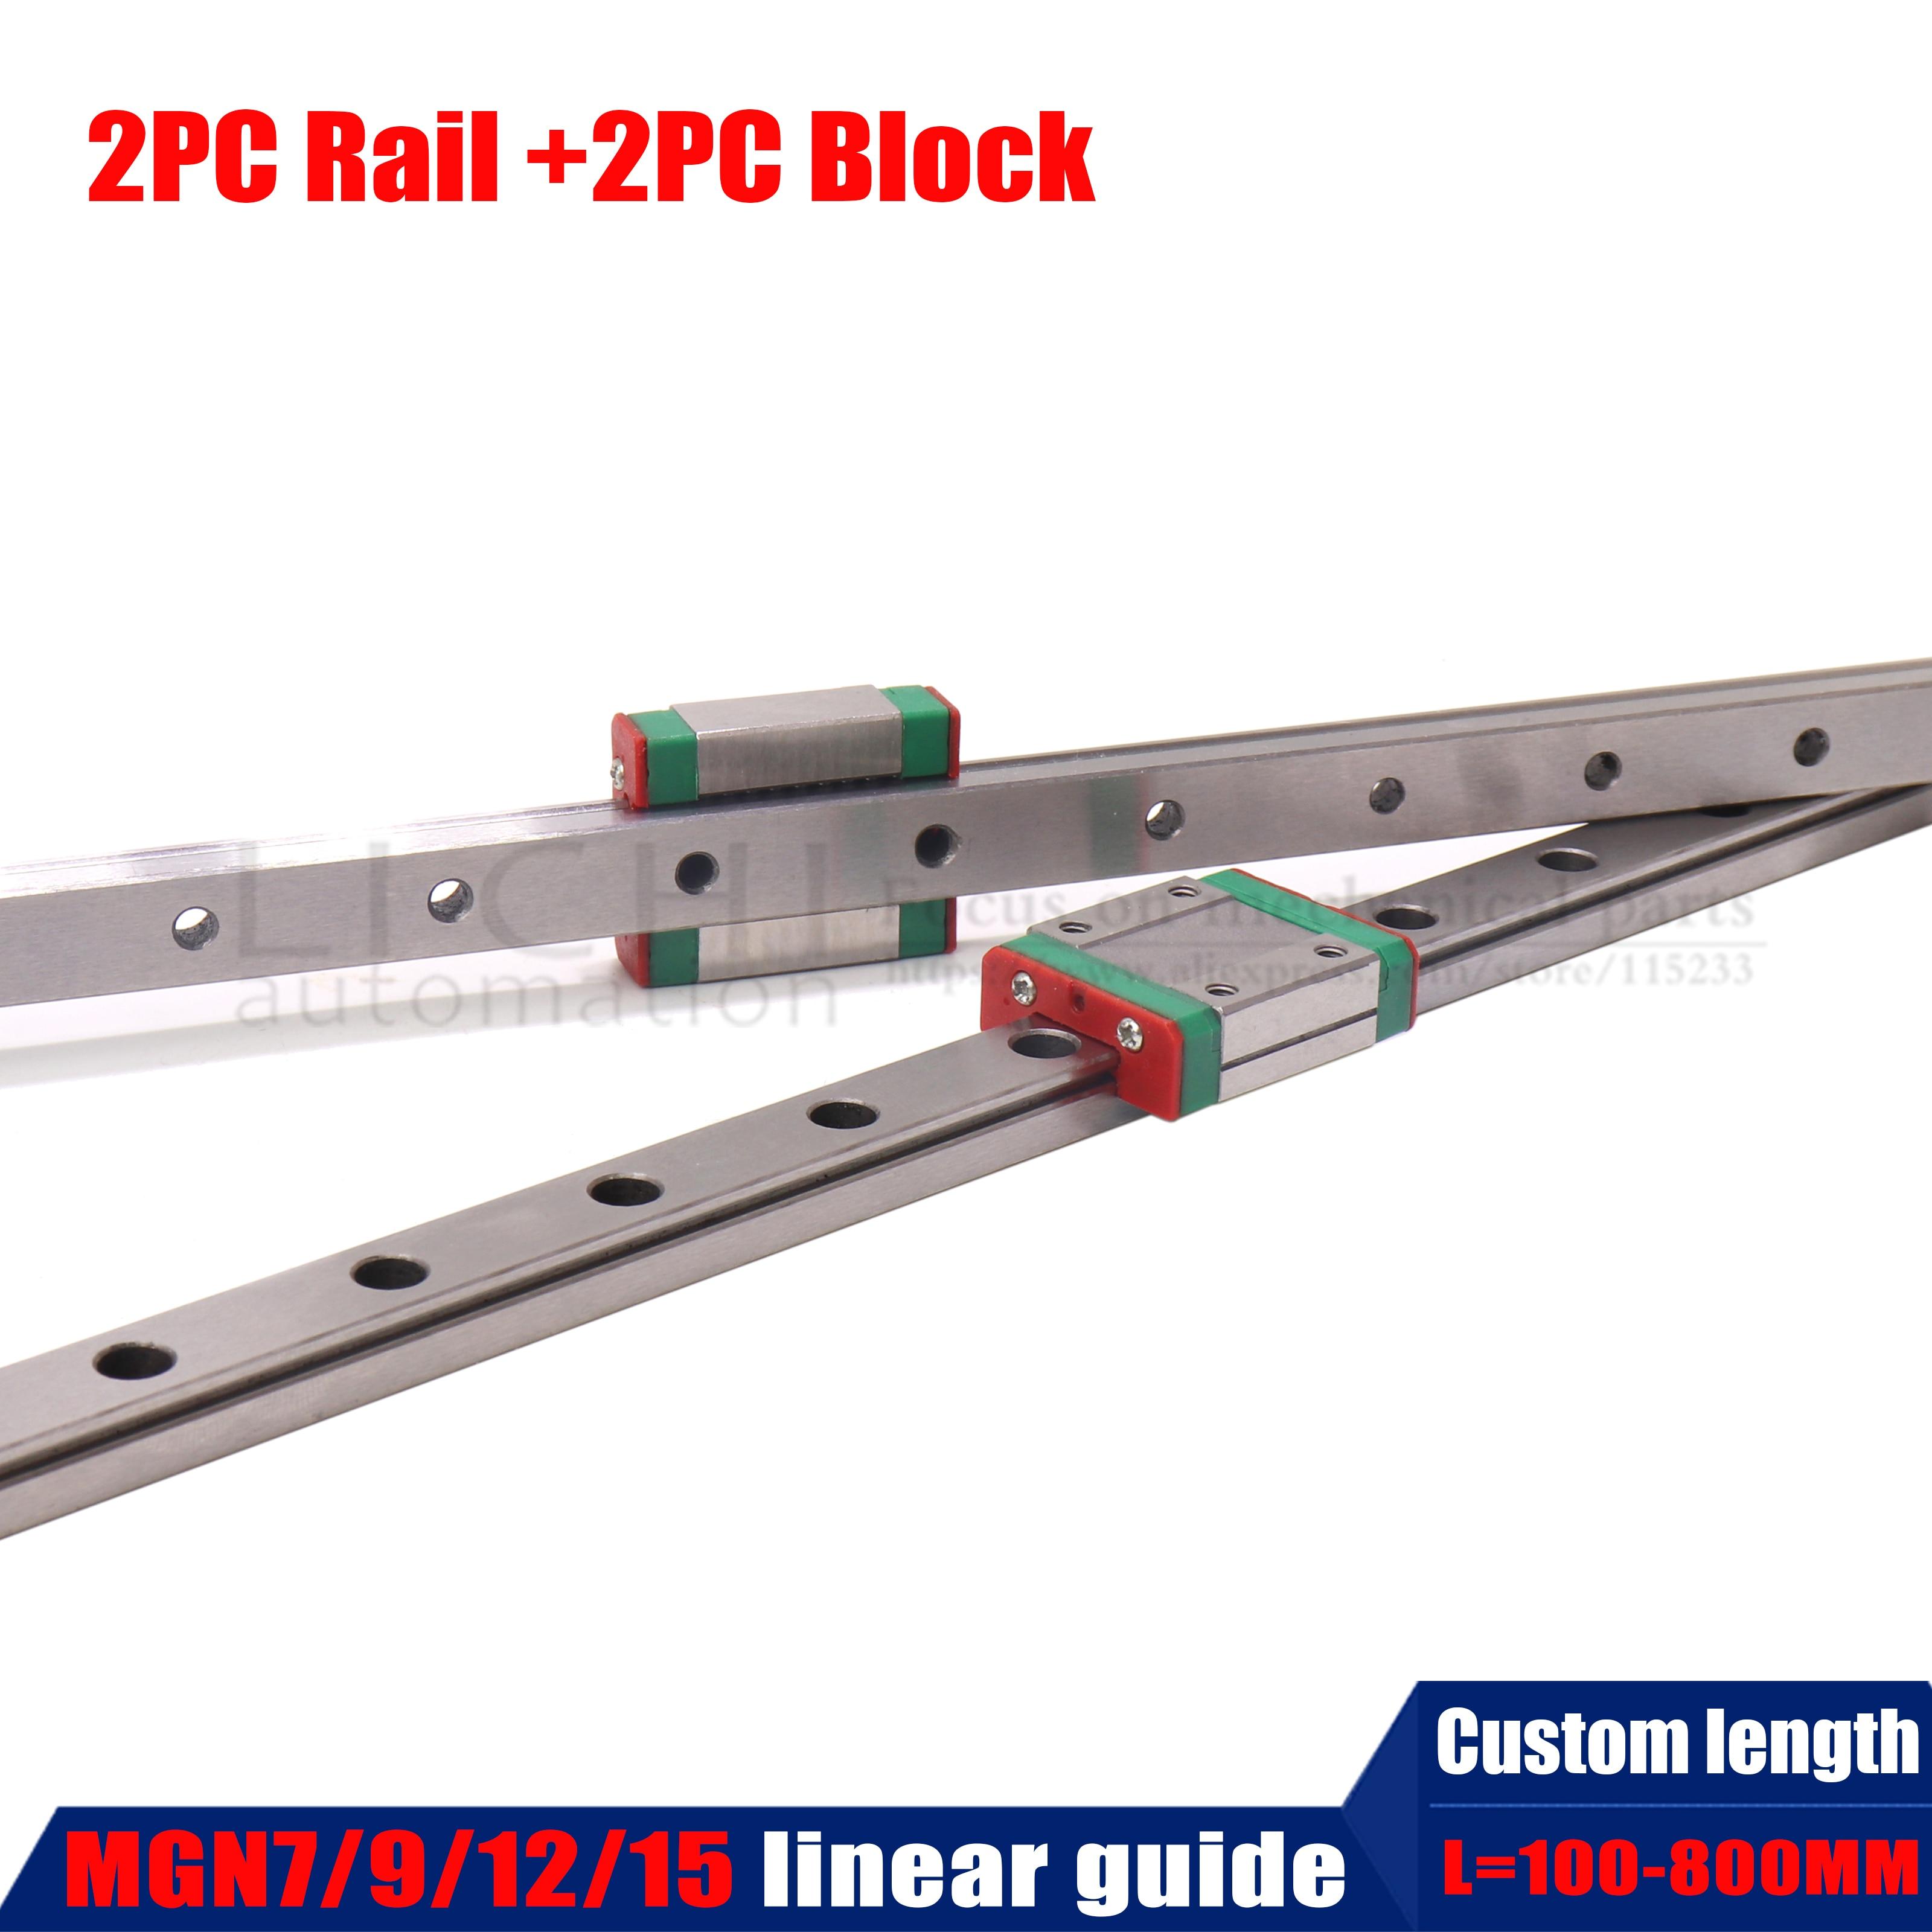 2PC Linear Slider  MGN7C MGN7H MGN9C MGN9H MGN12C MGN12H MGN15C MGN15H with 2PC MGN Linear Rail Guide 150mm 300mm 400mm